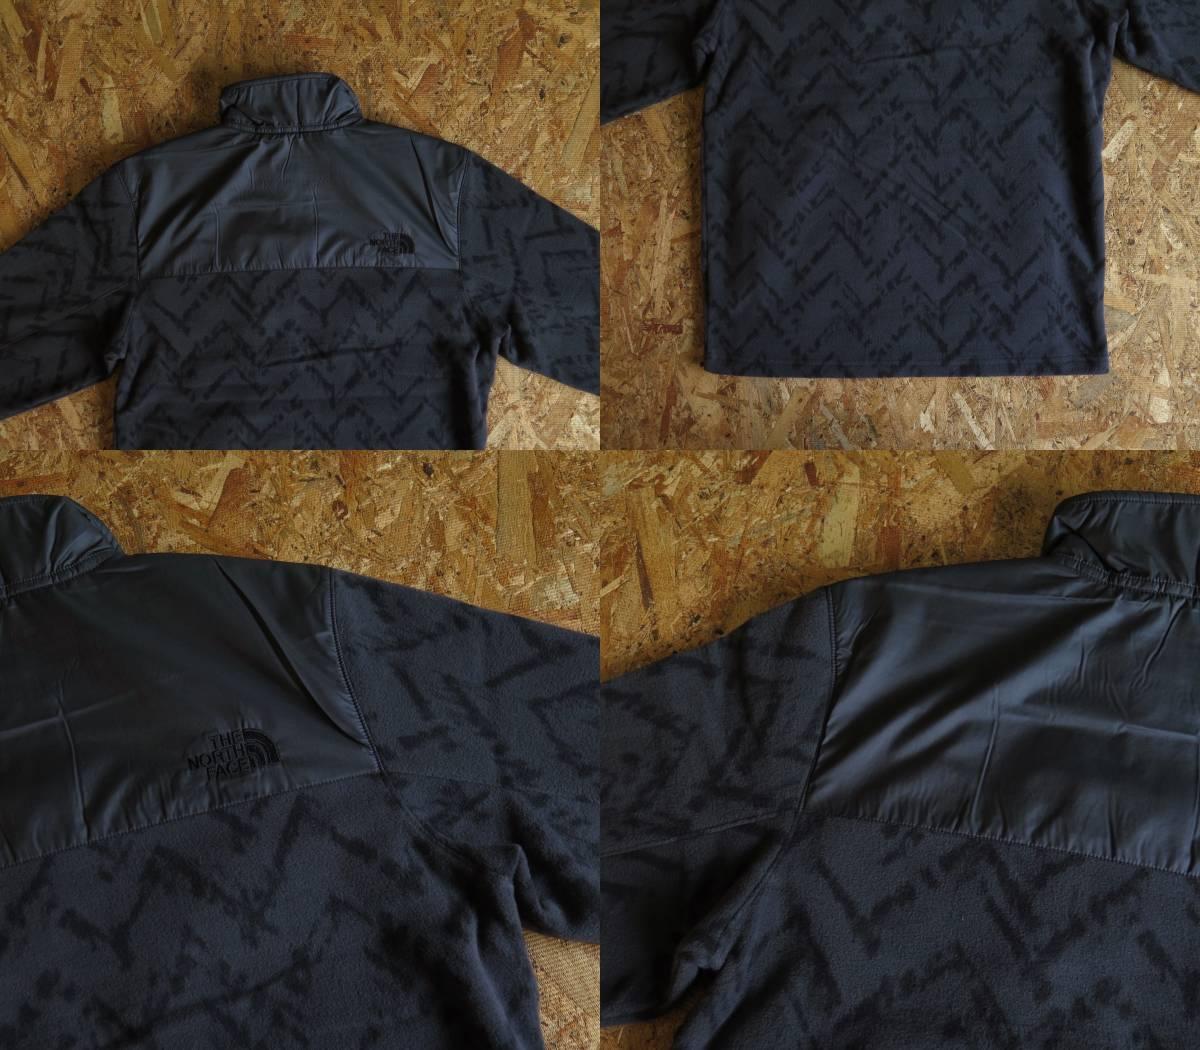 新品☆本物 THE NORTH FACE PULLOVER FLEECE JACKET XLサイズ ノースフェイス フリース プルオーバー ジャケット アメリカモデル USAモデル_画像8